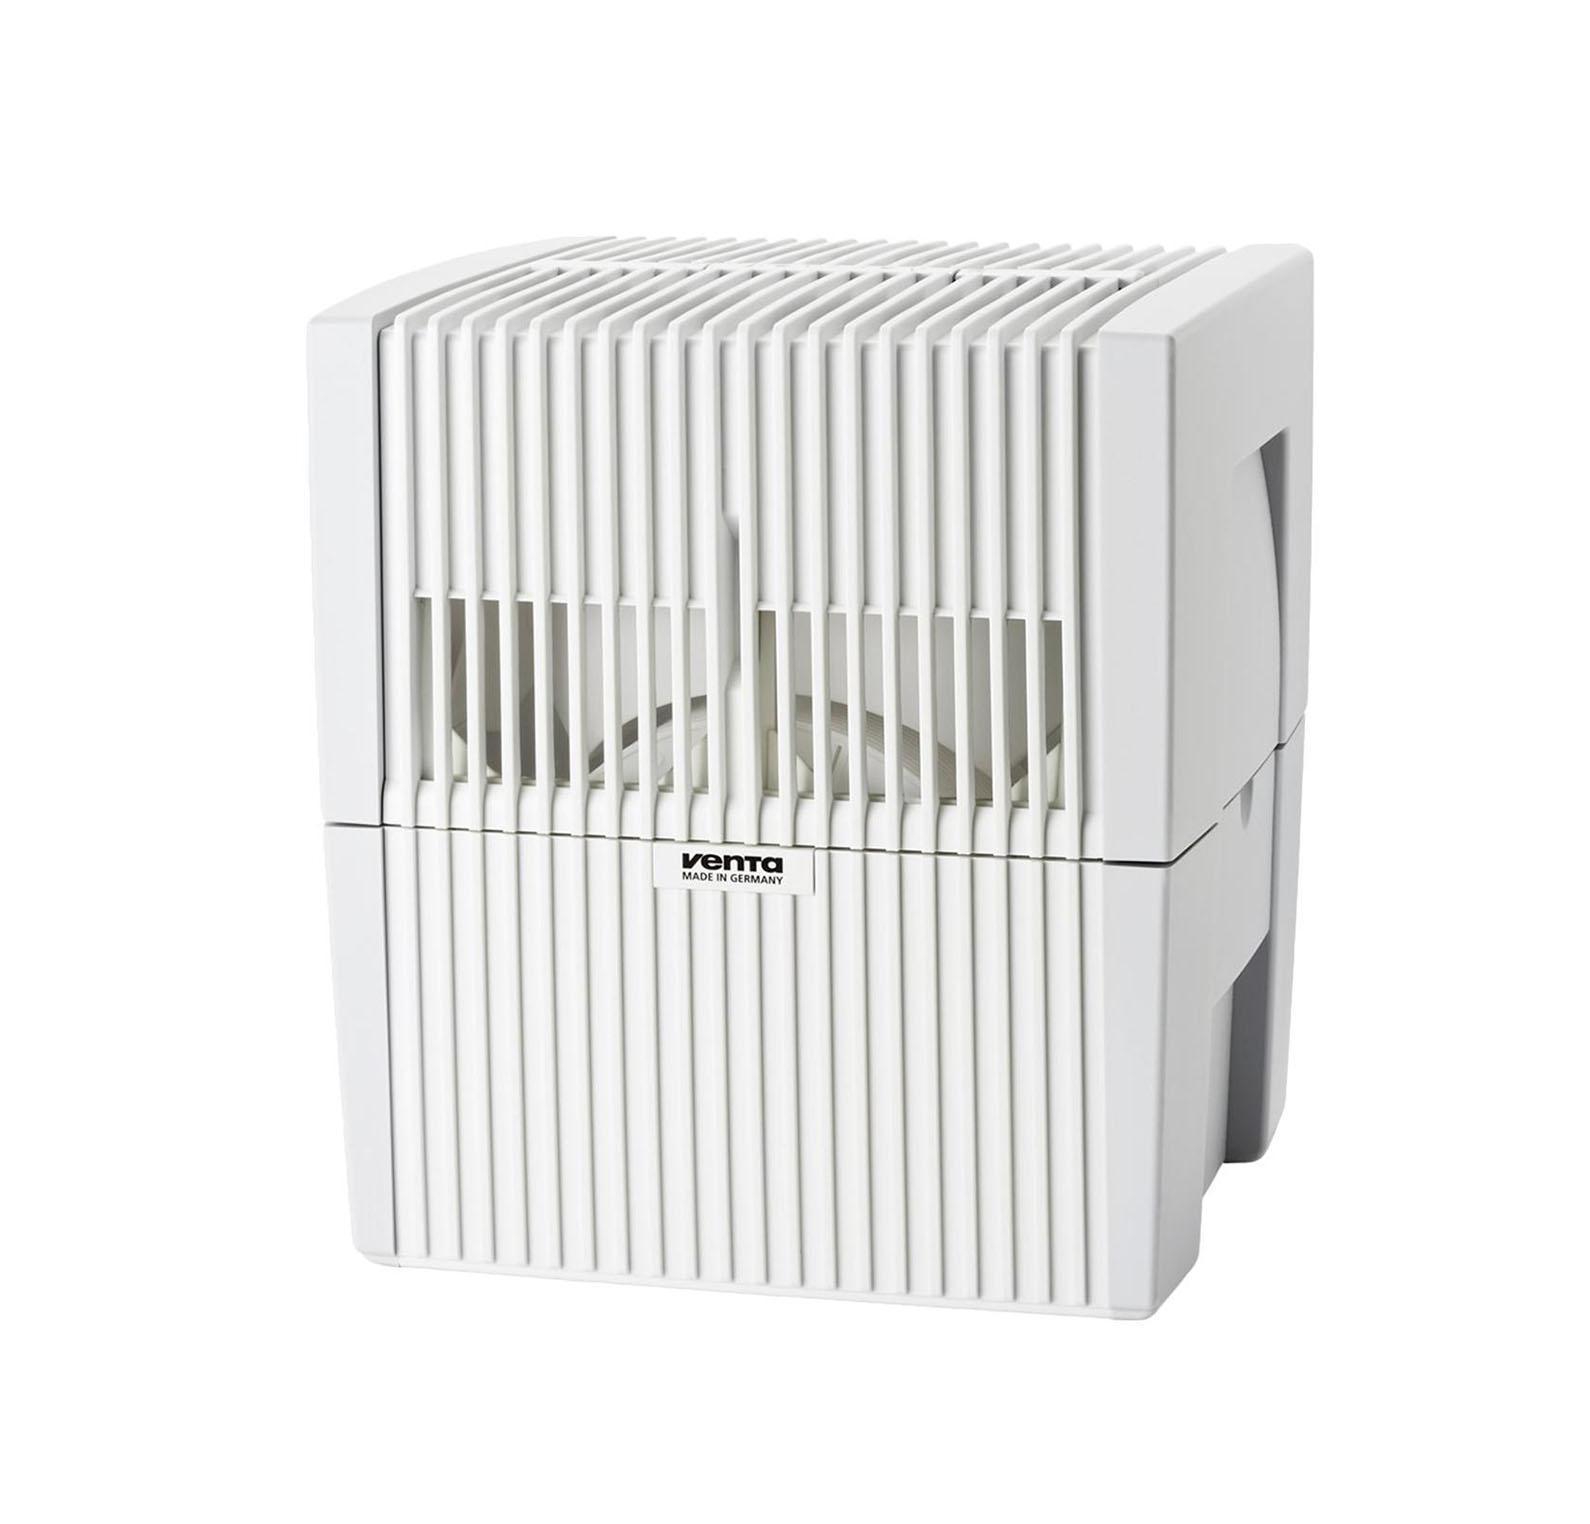 Venta LW 25, White Мойка воздуха очиститель и увлажнитель воздуха venta lw15 white